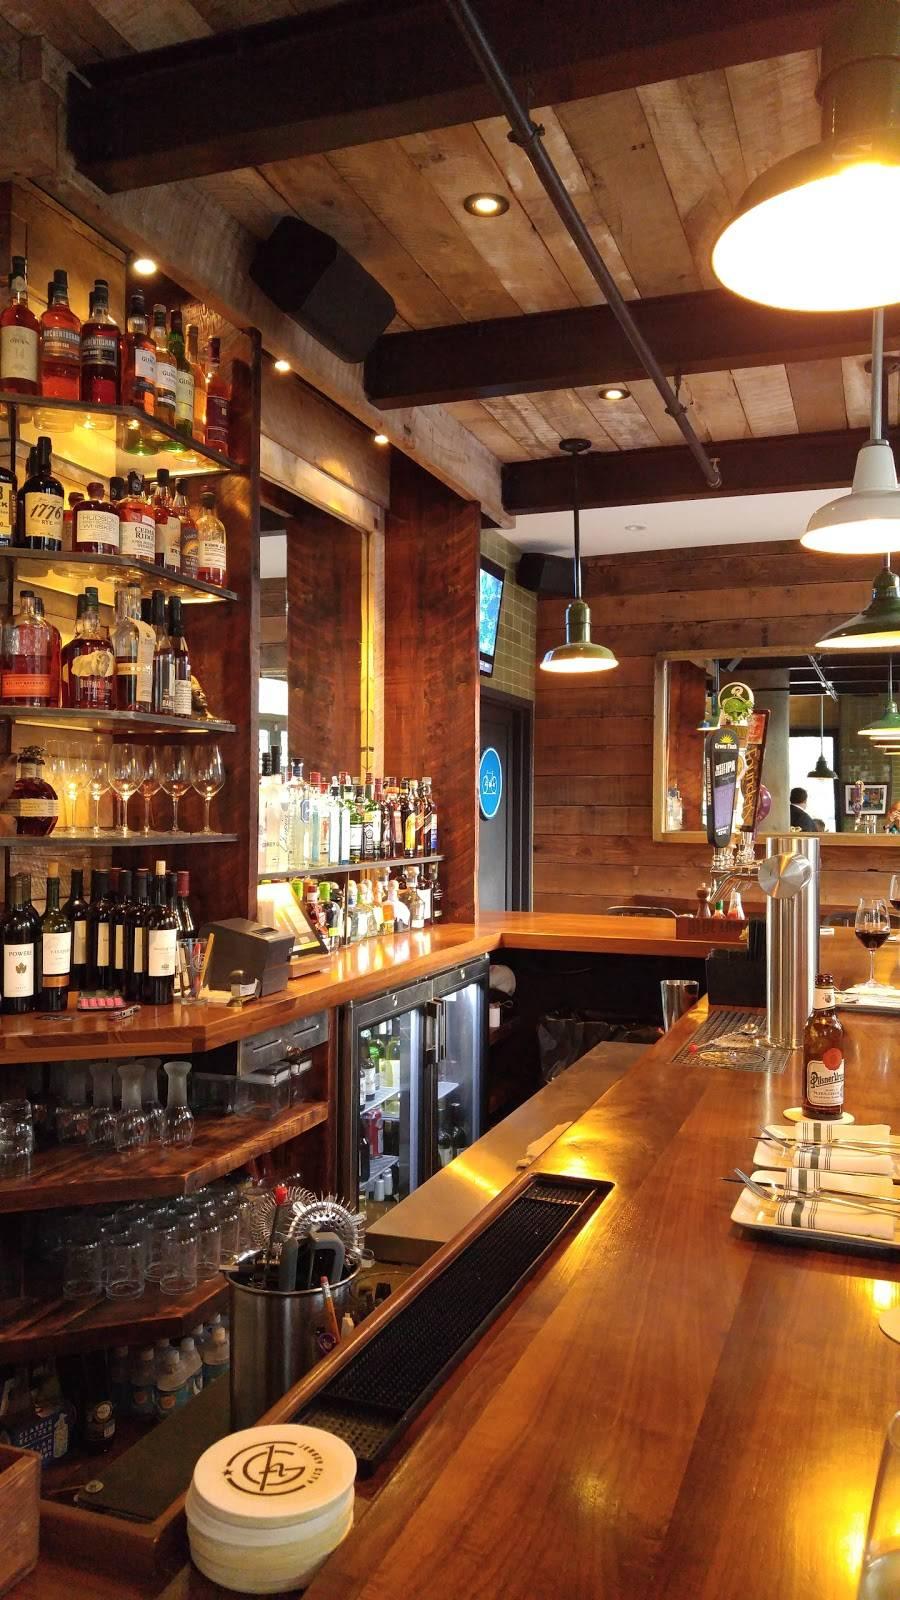 Greene Hook Bar & Kitchen   restaurant   70 Greene St, Jersey City, NJ 07302, USA   2017215062 OR +1 201-721-5062